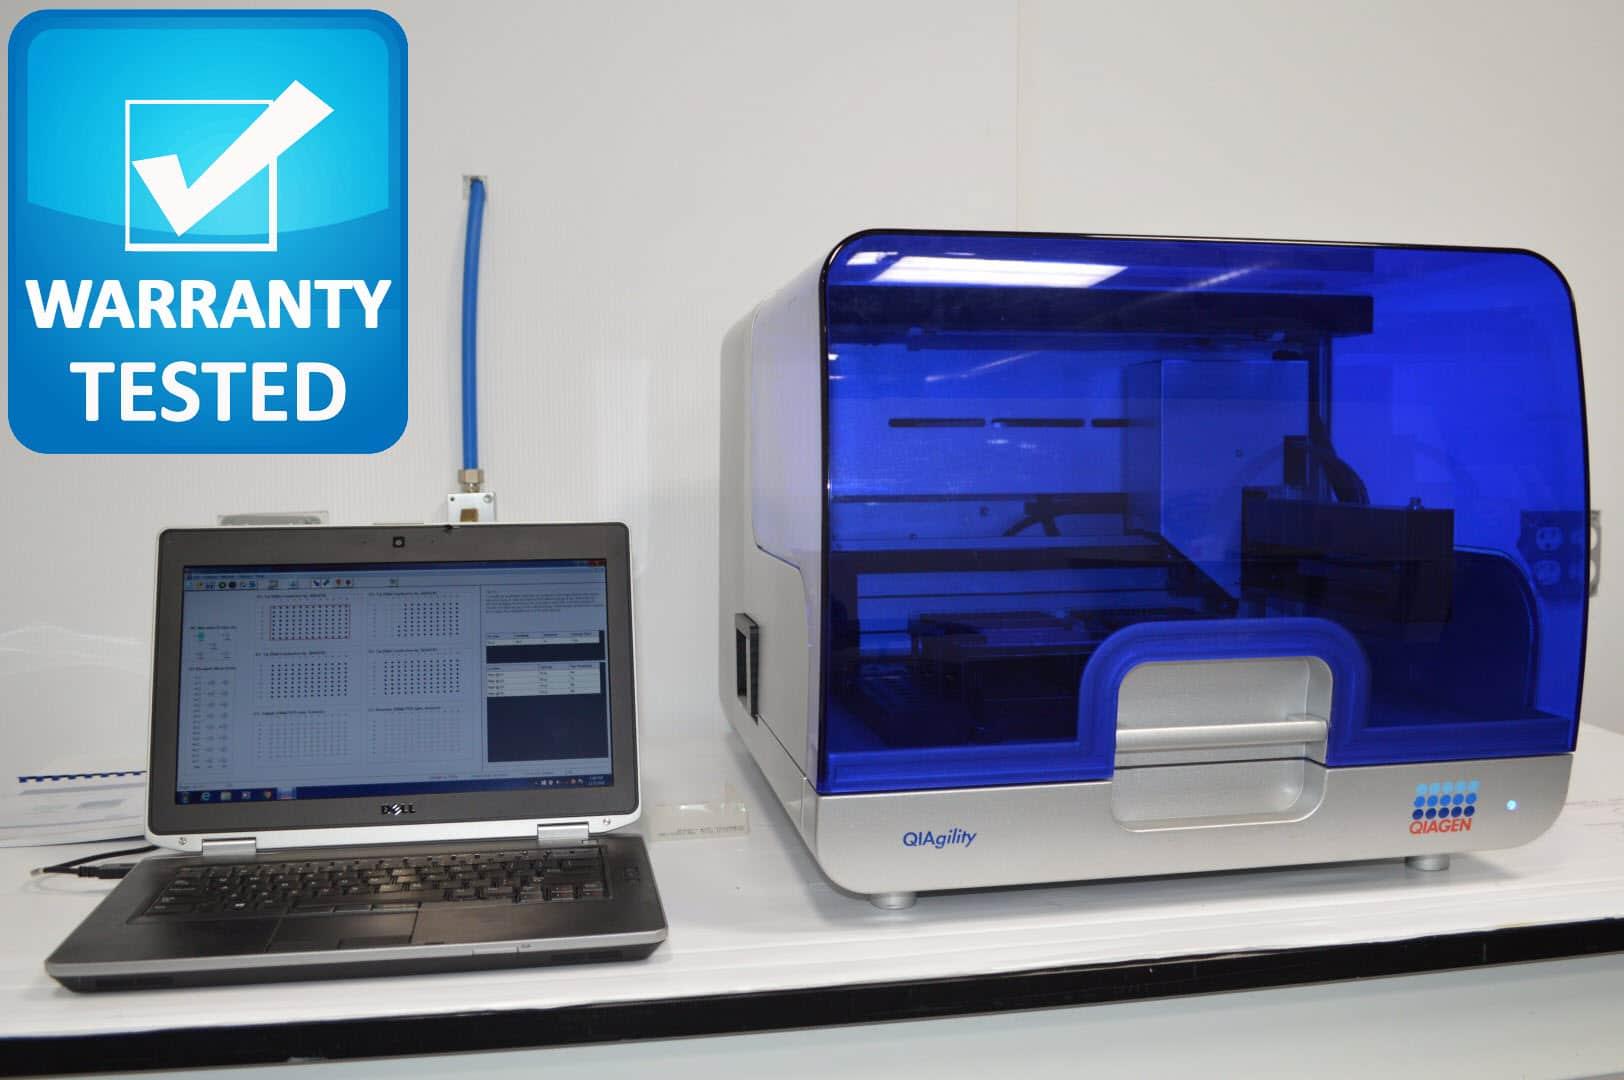 Qiagen QIAgility PCR System